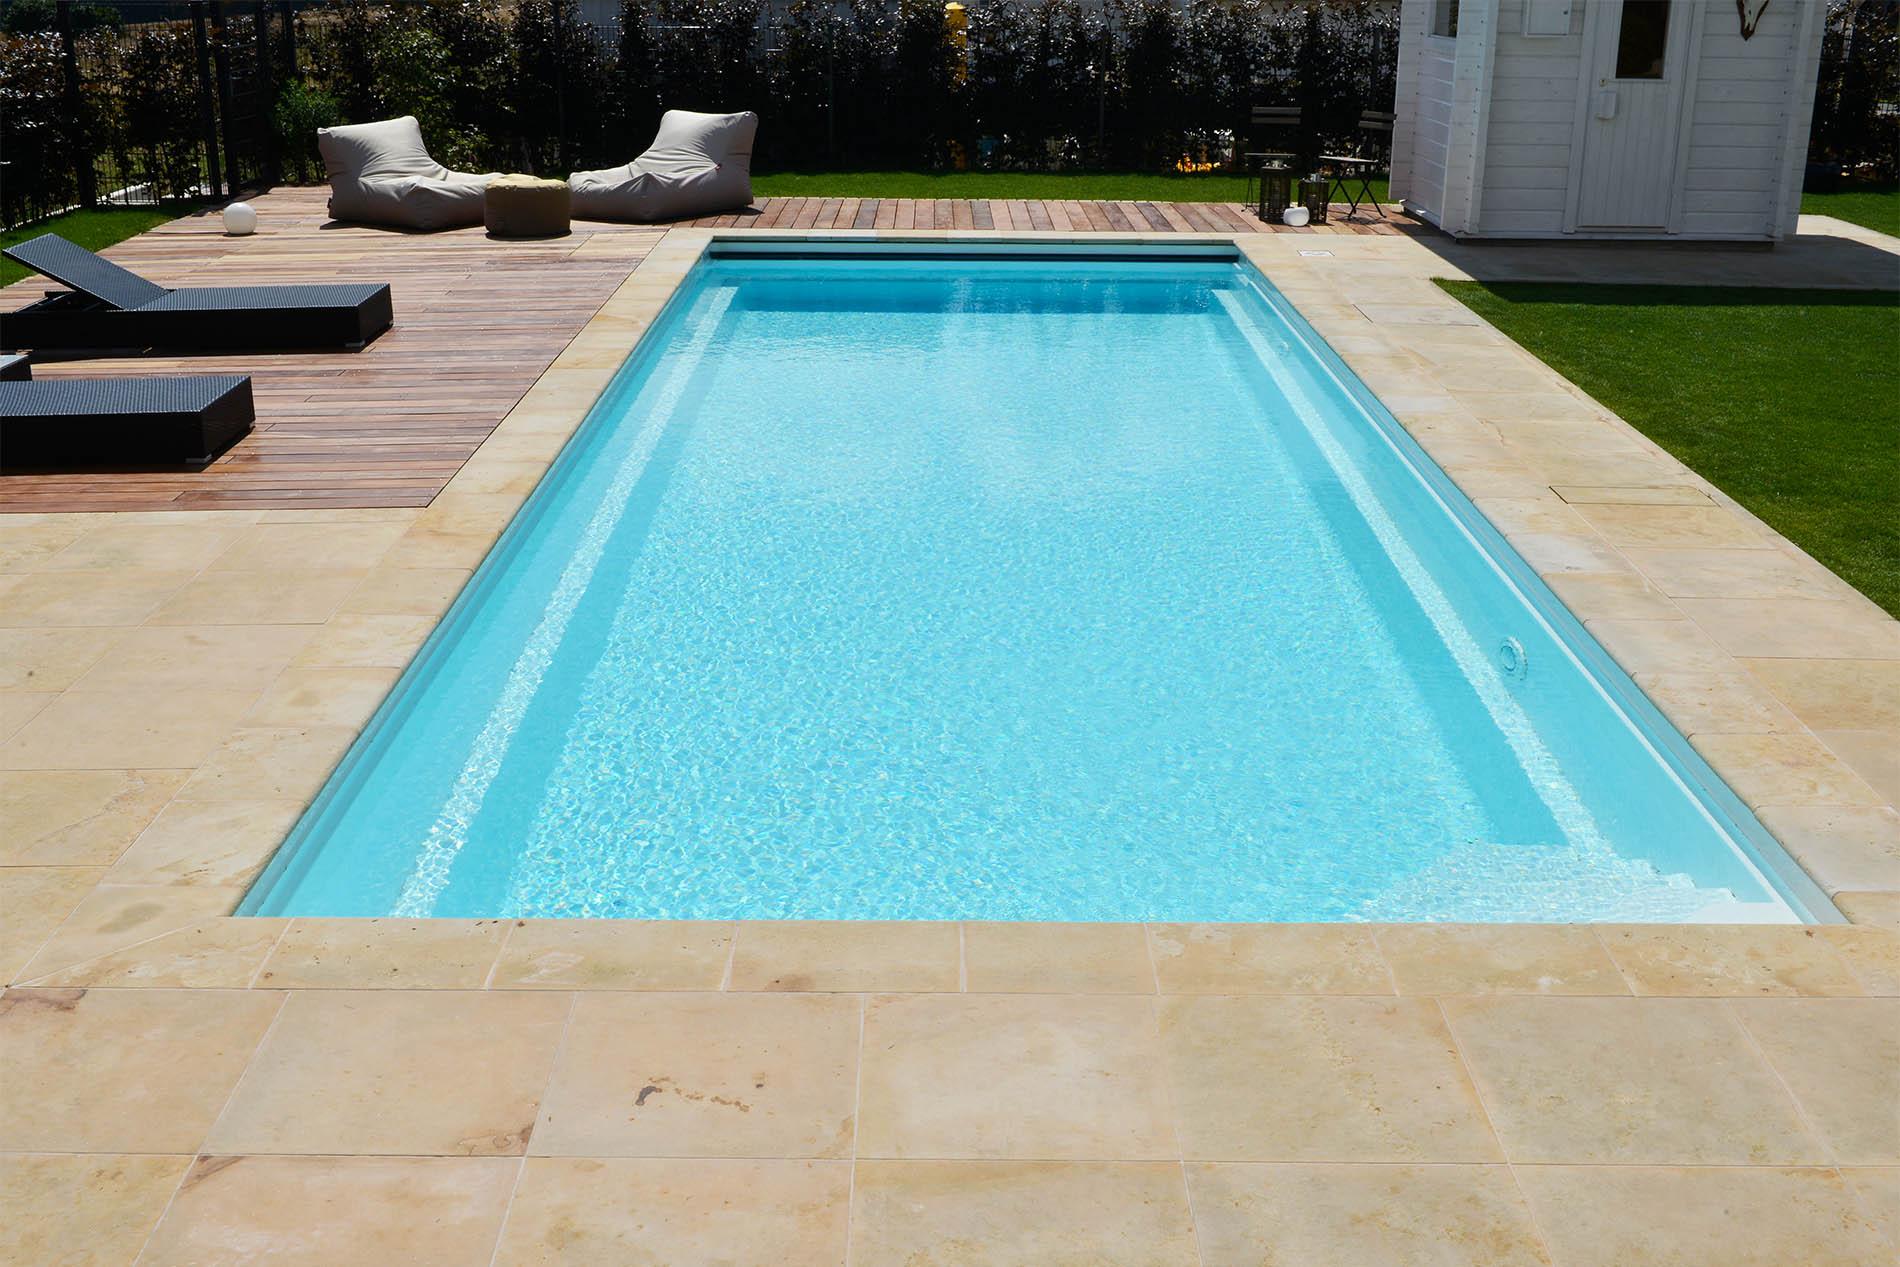 Terrassenplatten und Poolumrandung aus Seeberger Sandstein von TRACO